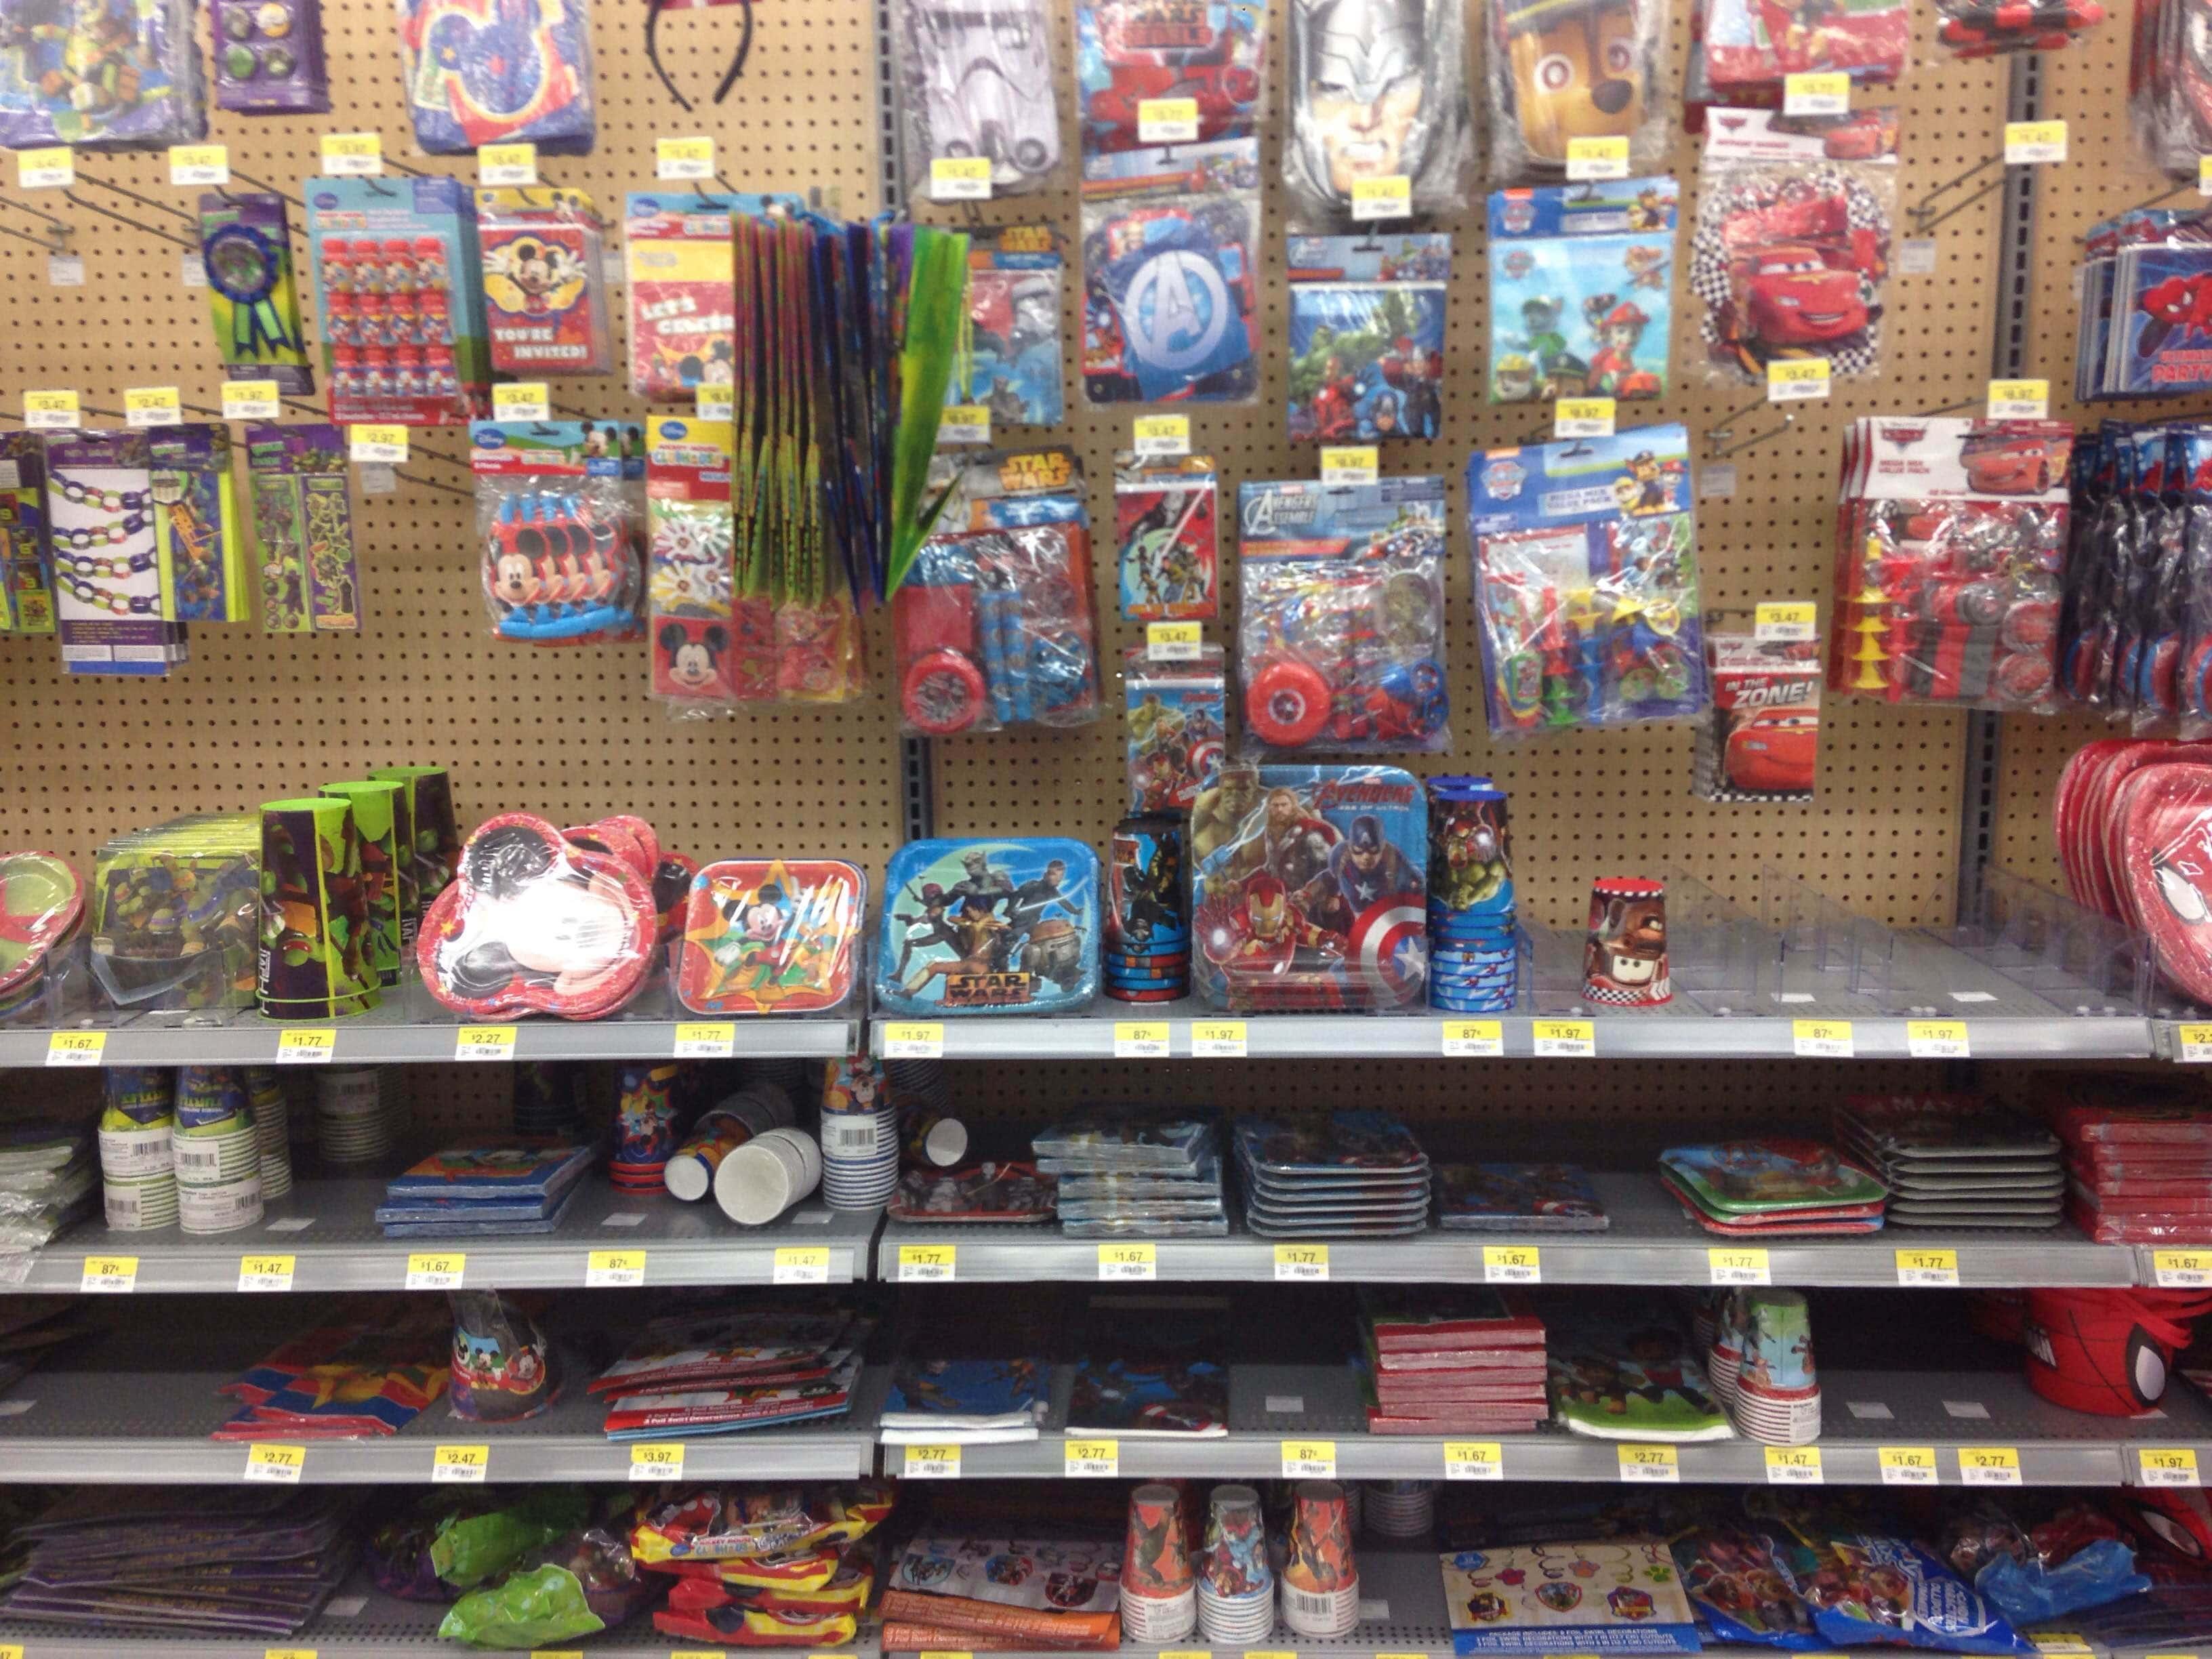 Star Wars Rebels at Walmart